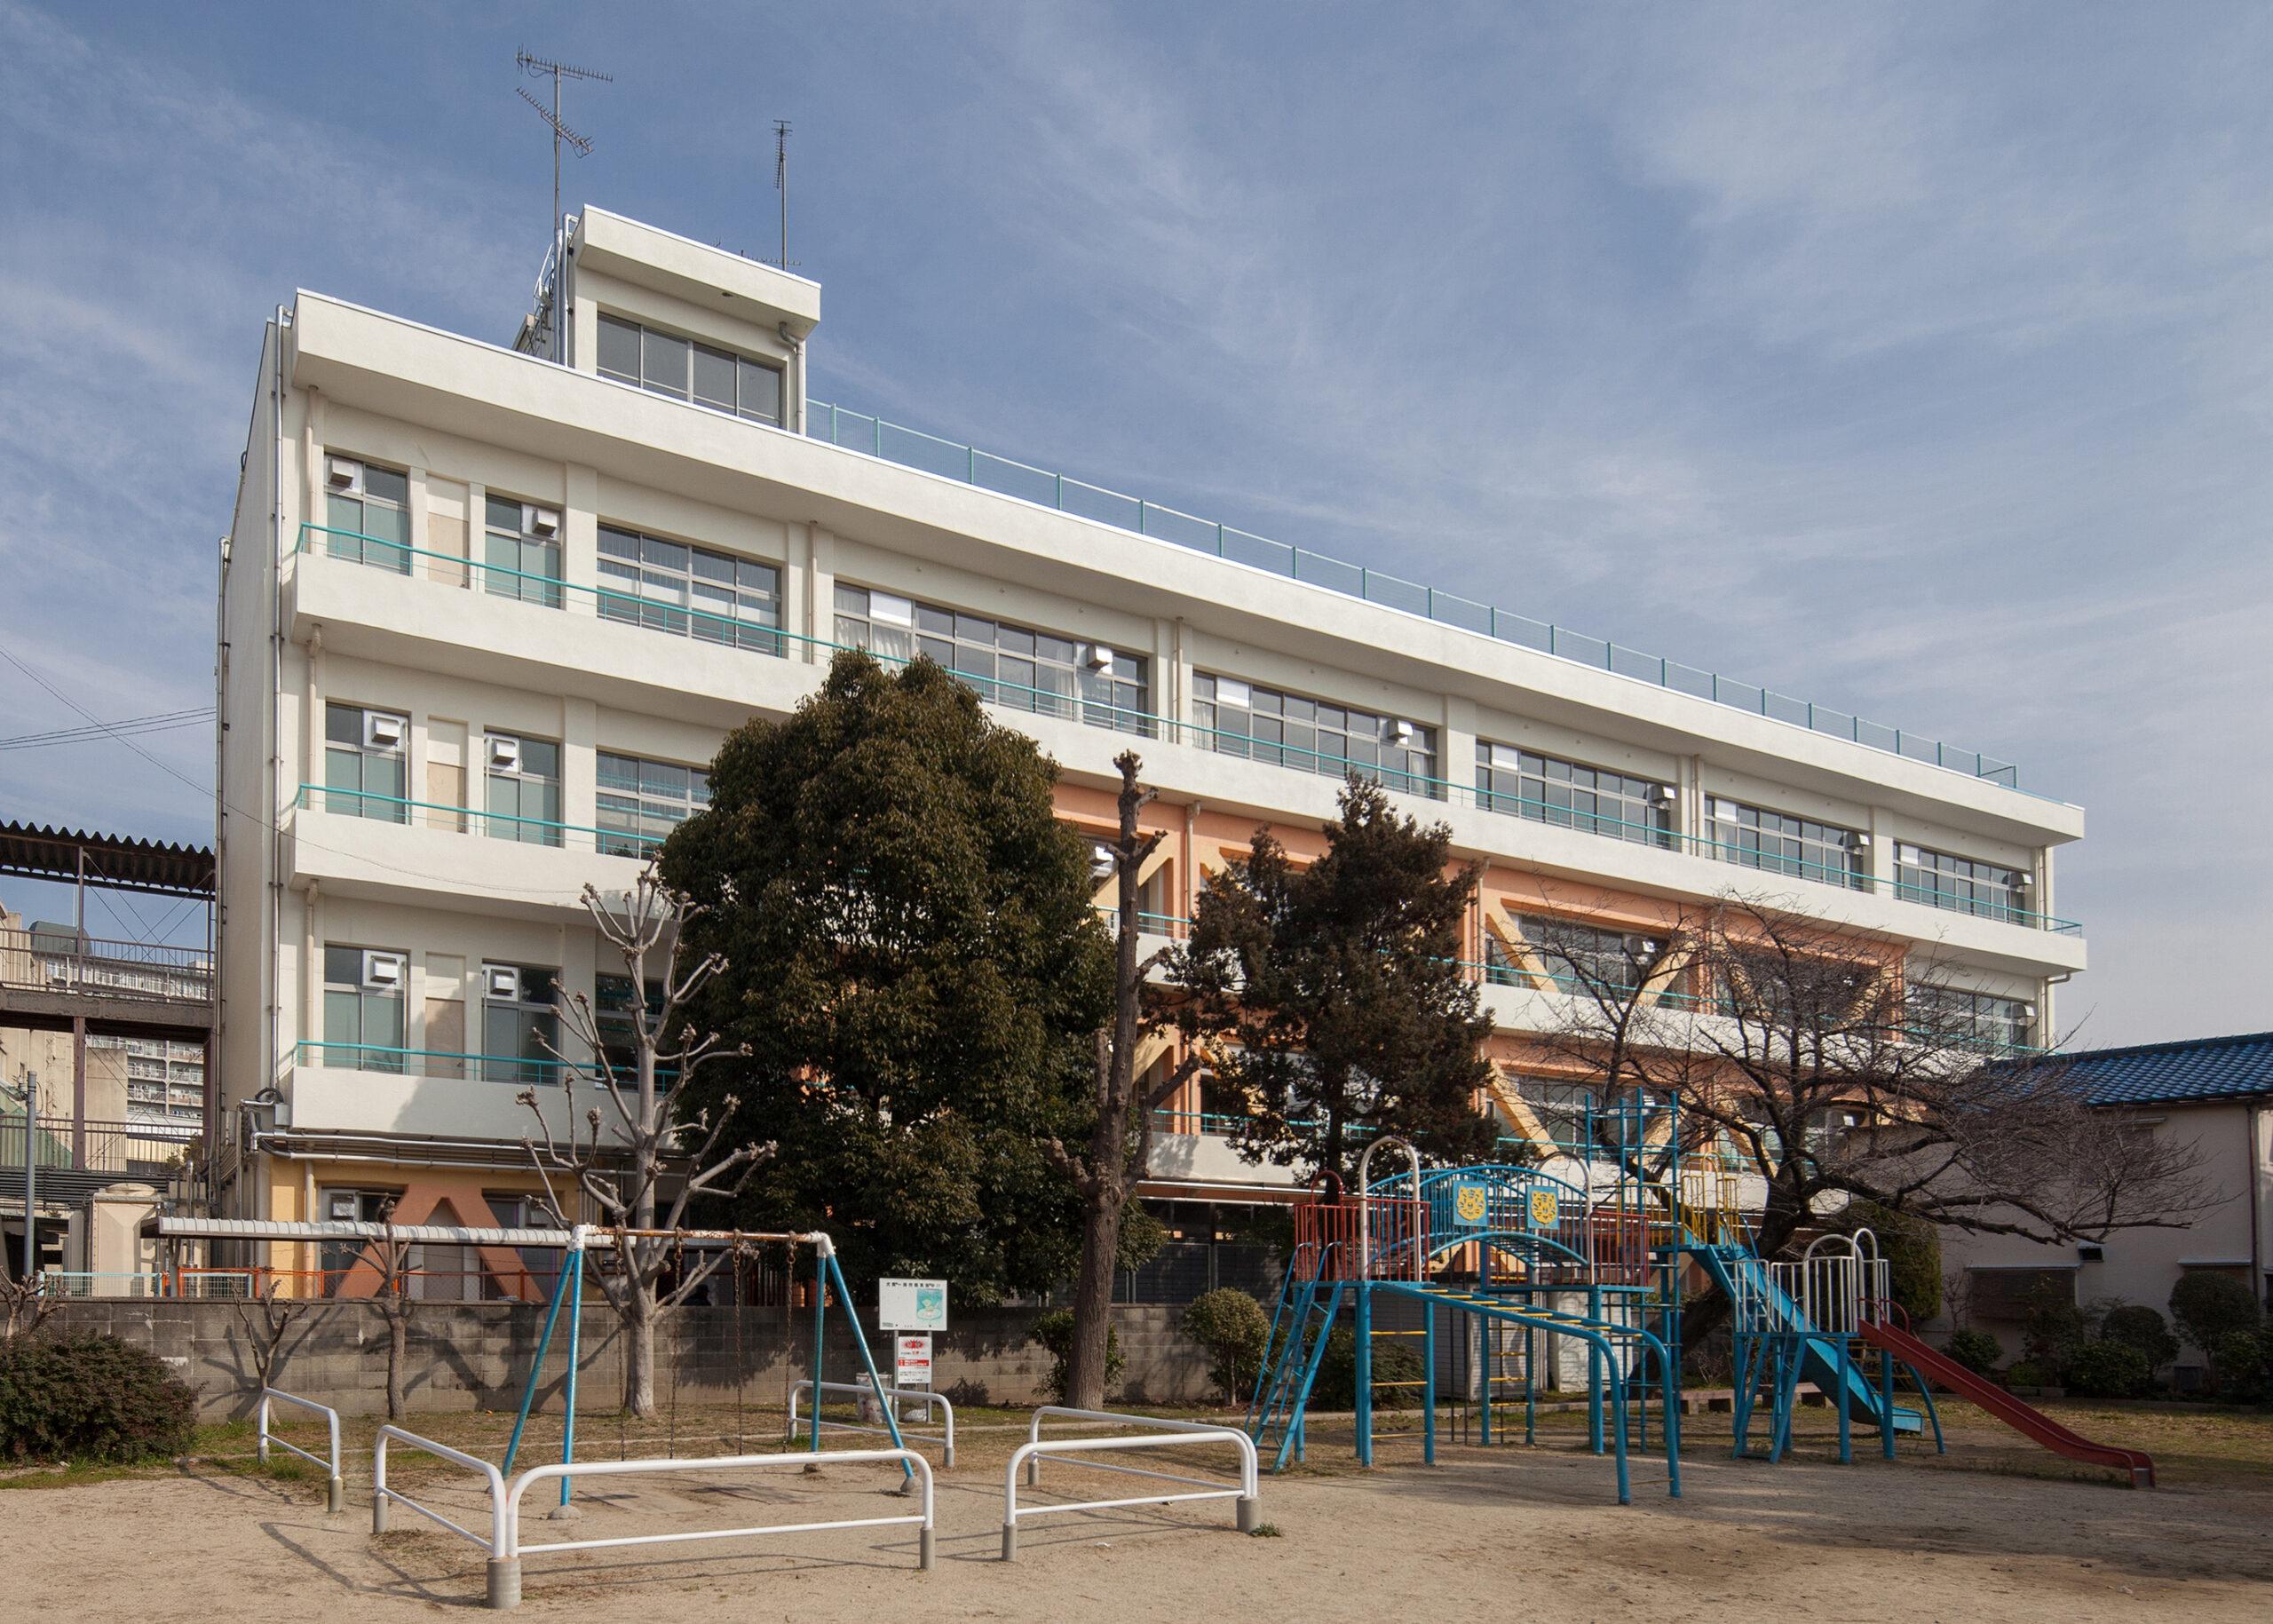 八雲小学校⑤棟校舎耐震補強